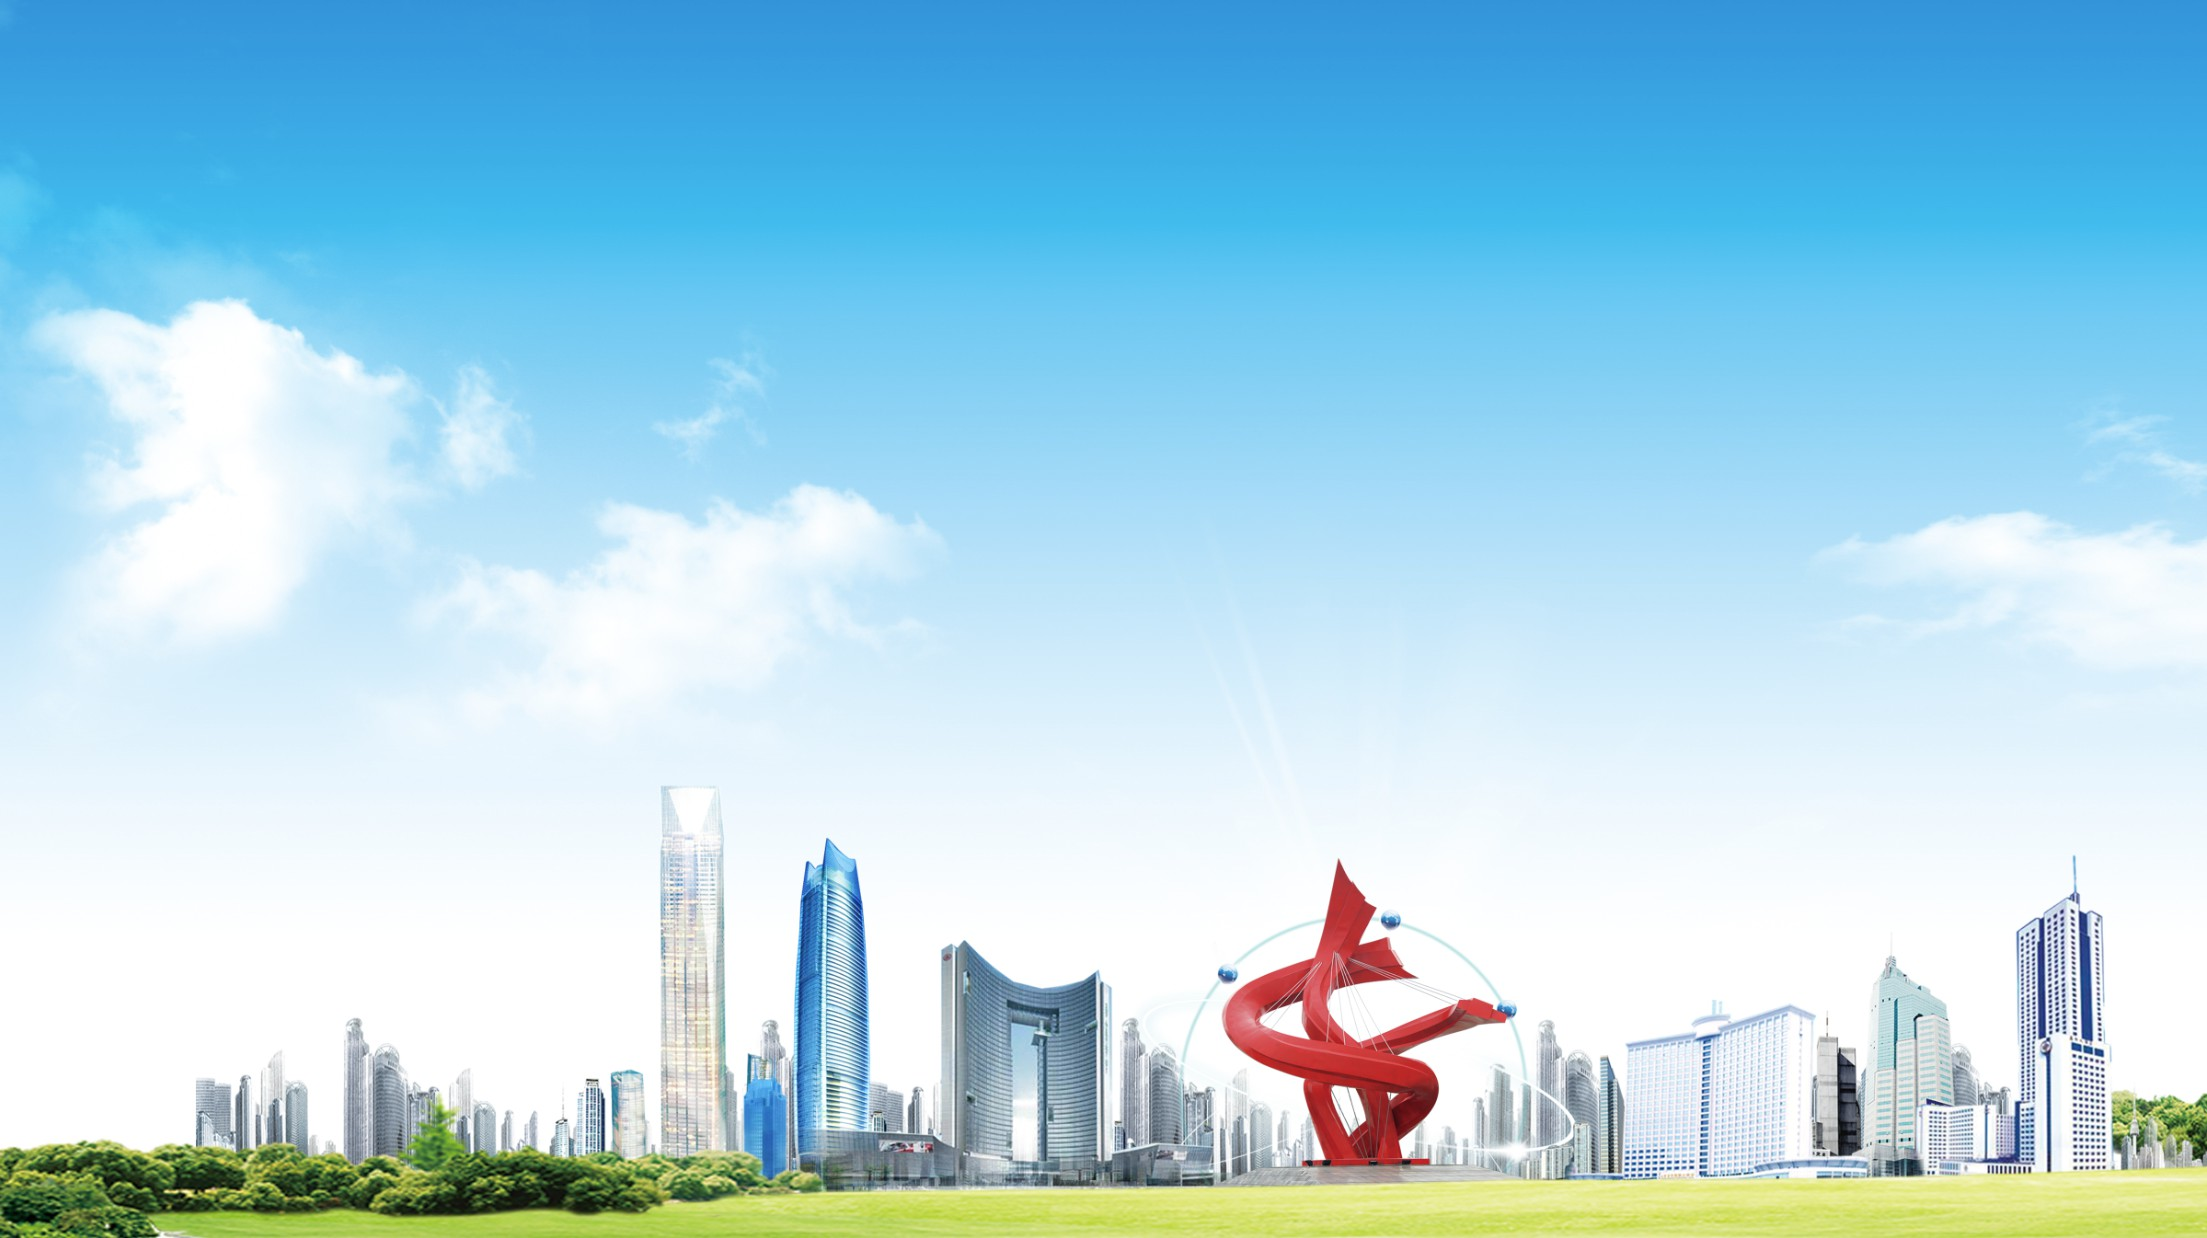 中国顶级规划师11月云集东莞 论剑城市发展规划